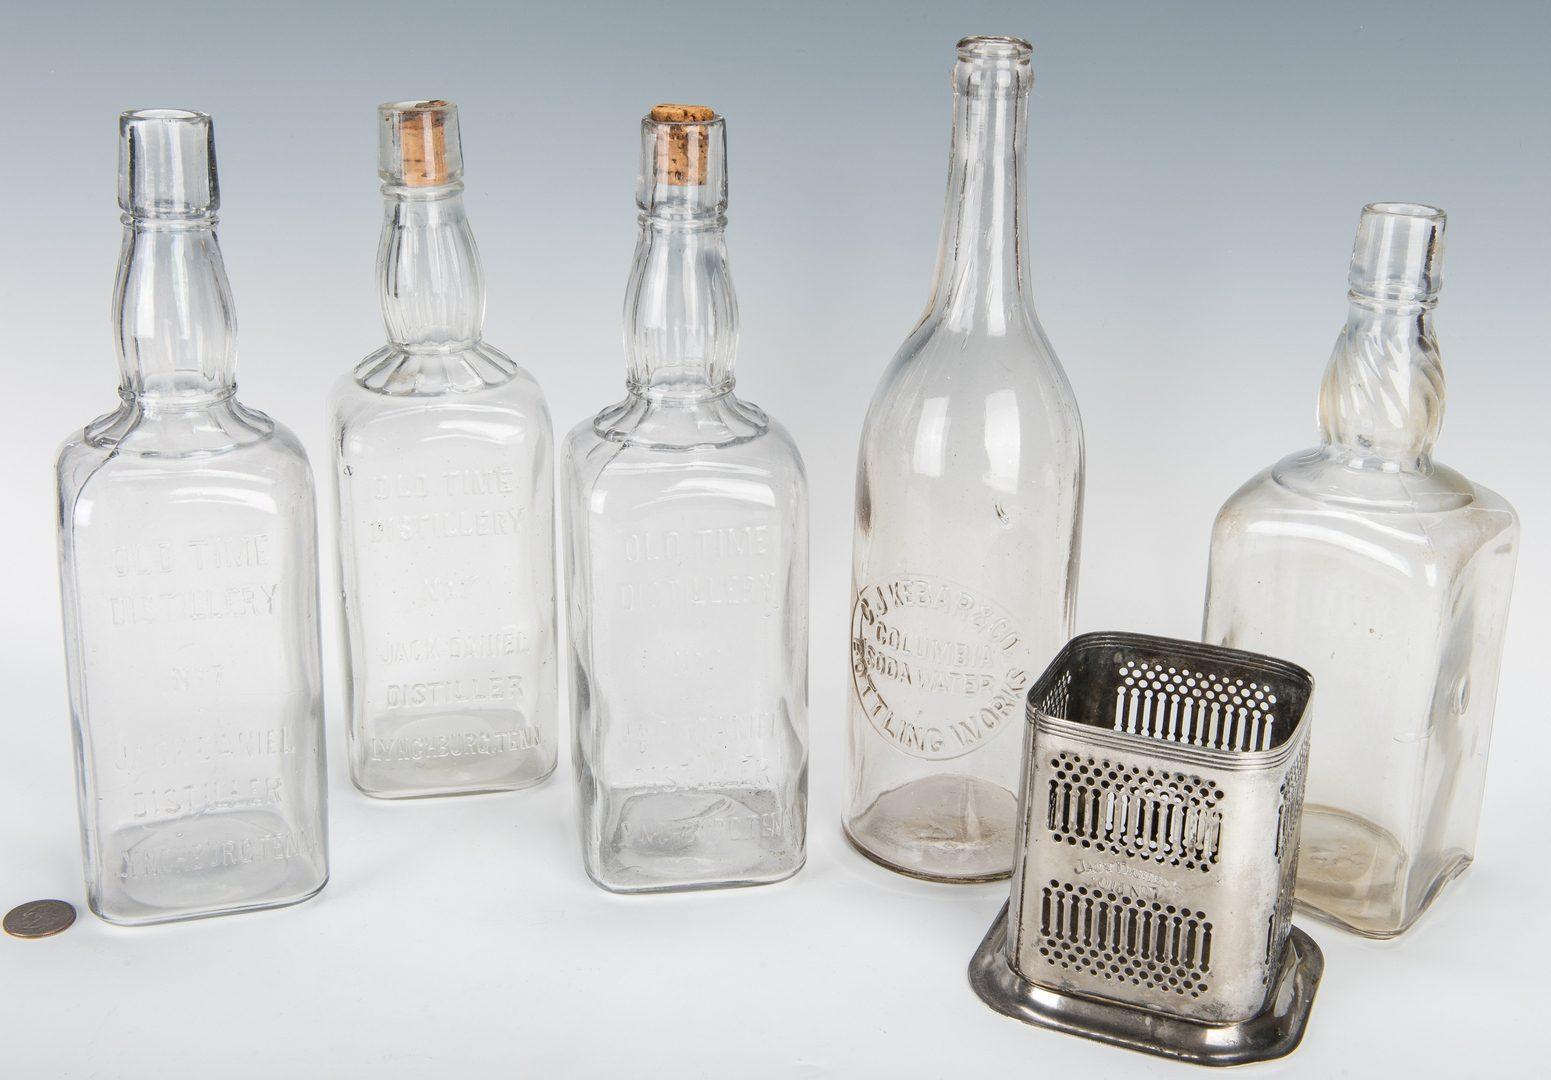 Lot 796: 3 Jack Daniels Whiskey Bottles, Silverplate Holder & 2 More